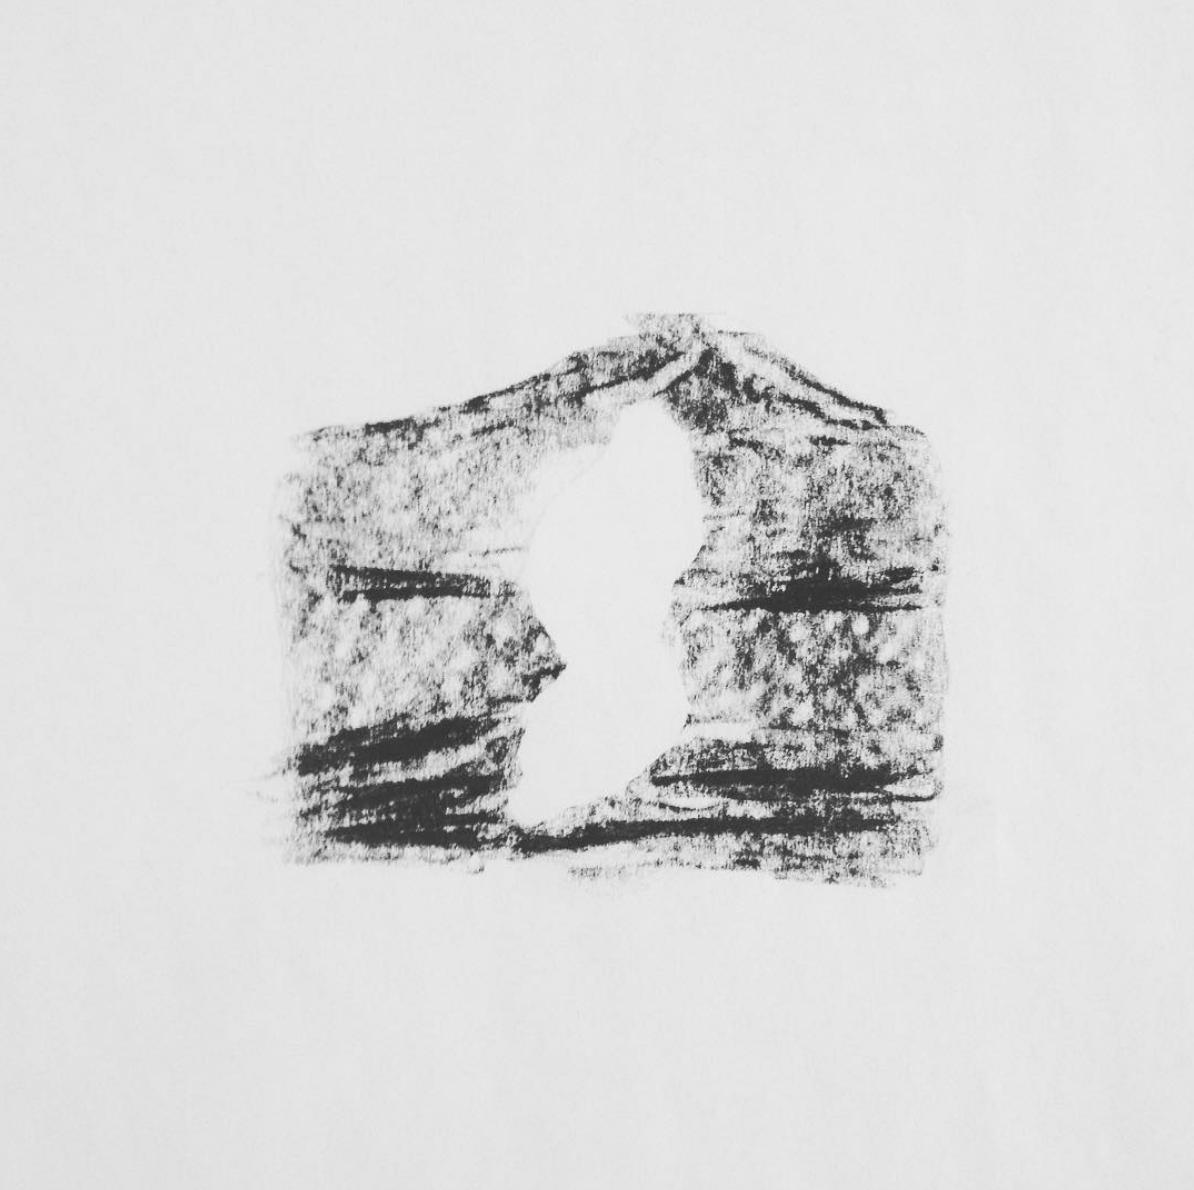 Dedans, dessin au fusain, 2013